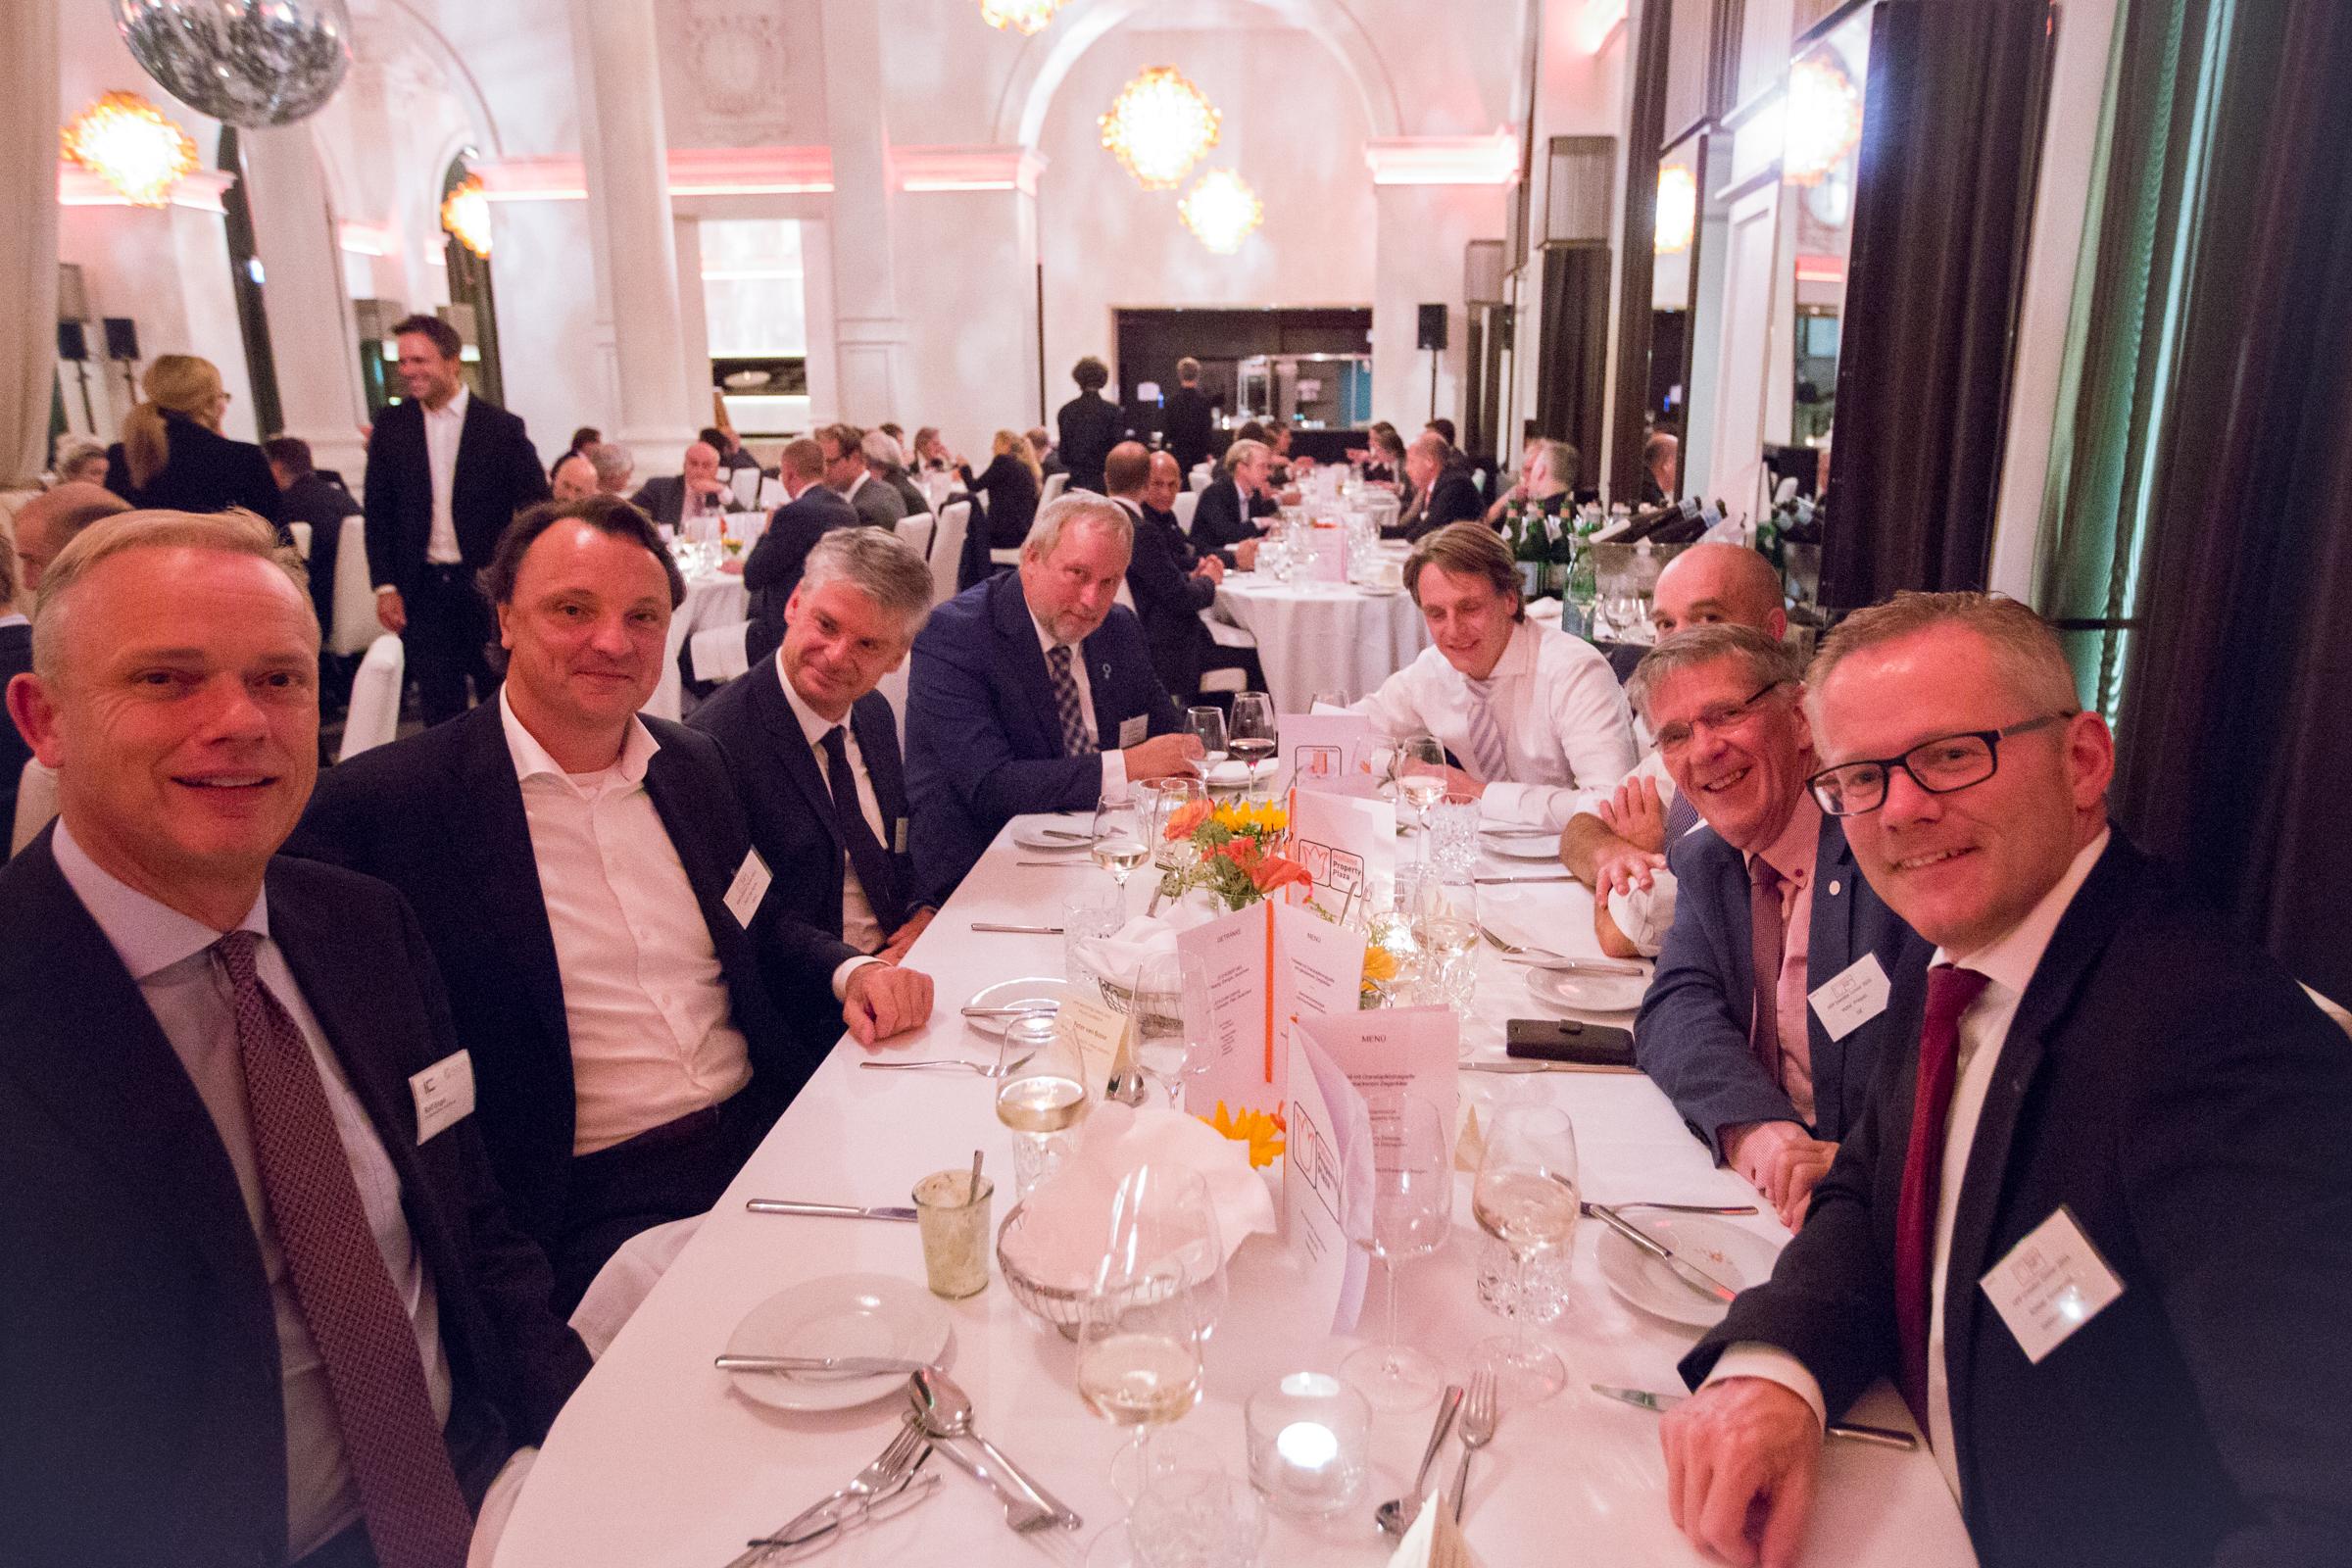 International Investors Dinner 2016